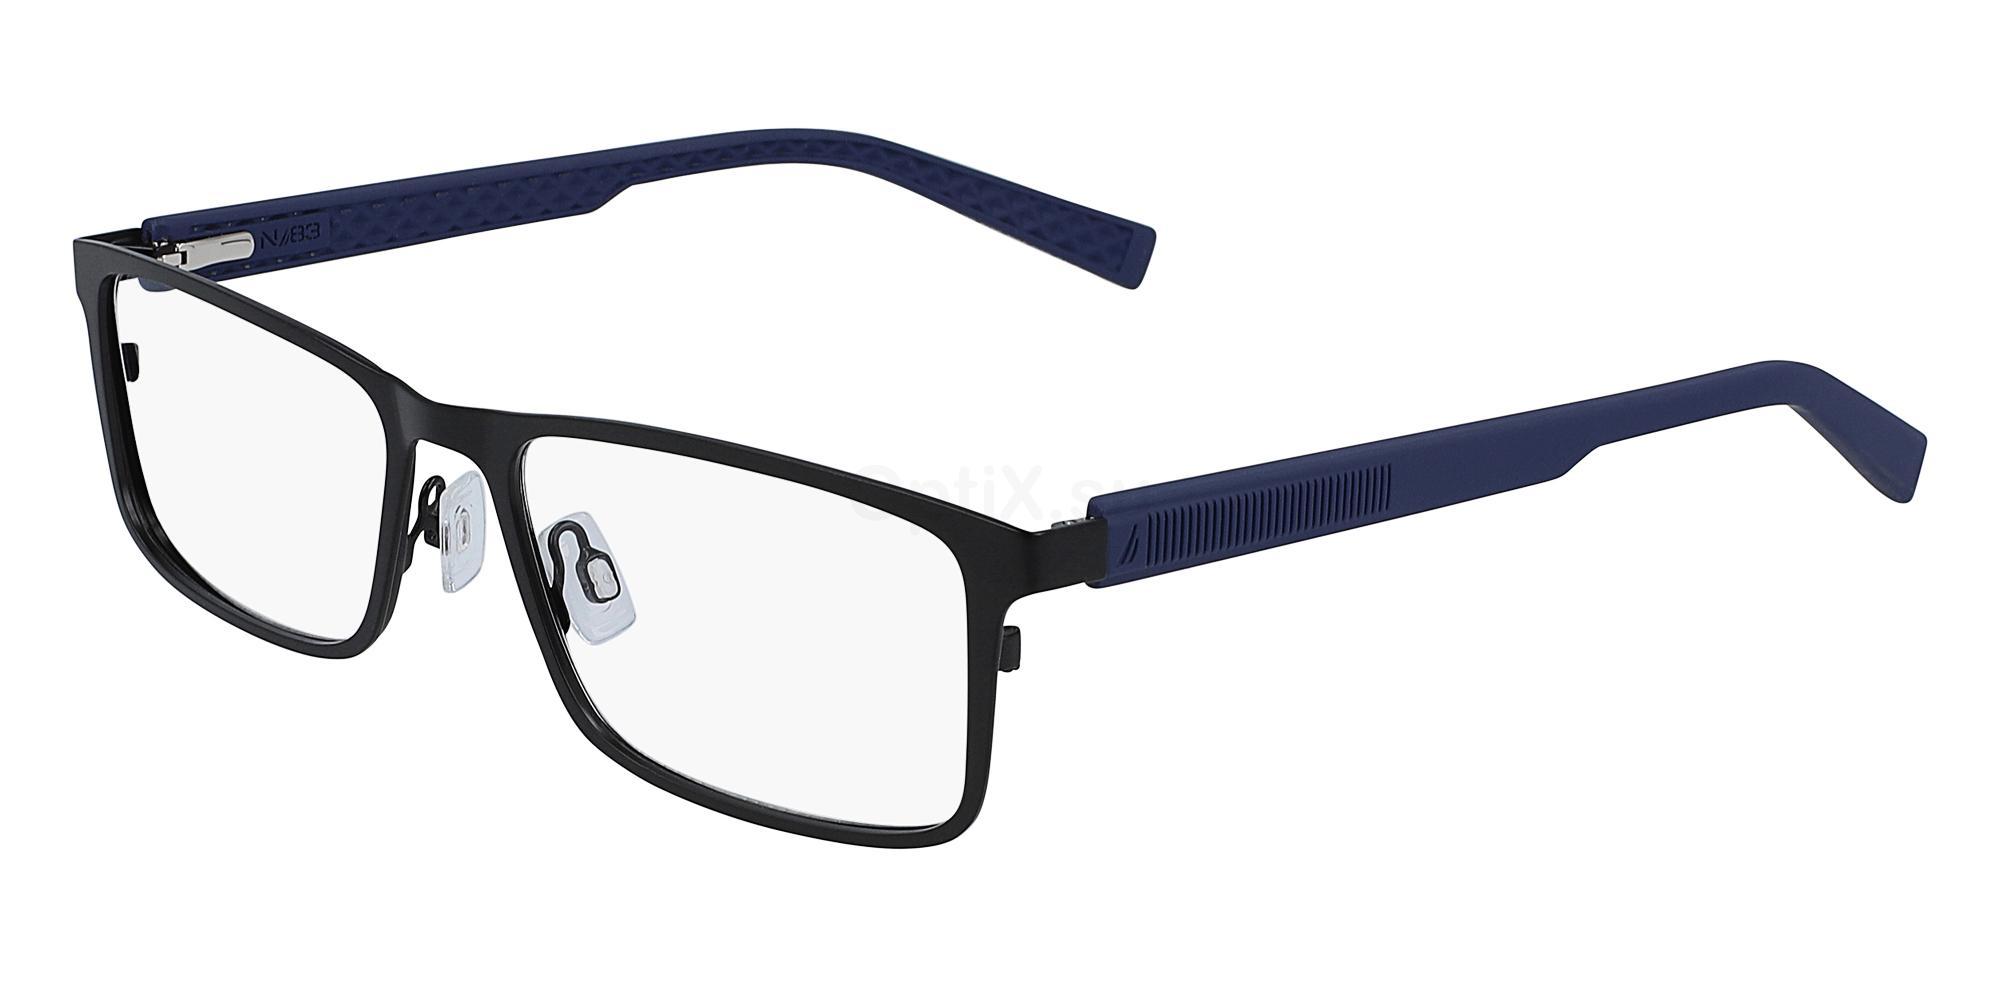 015 N8143 Glasses, Nautica